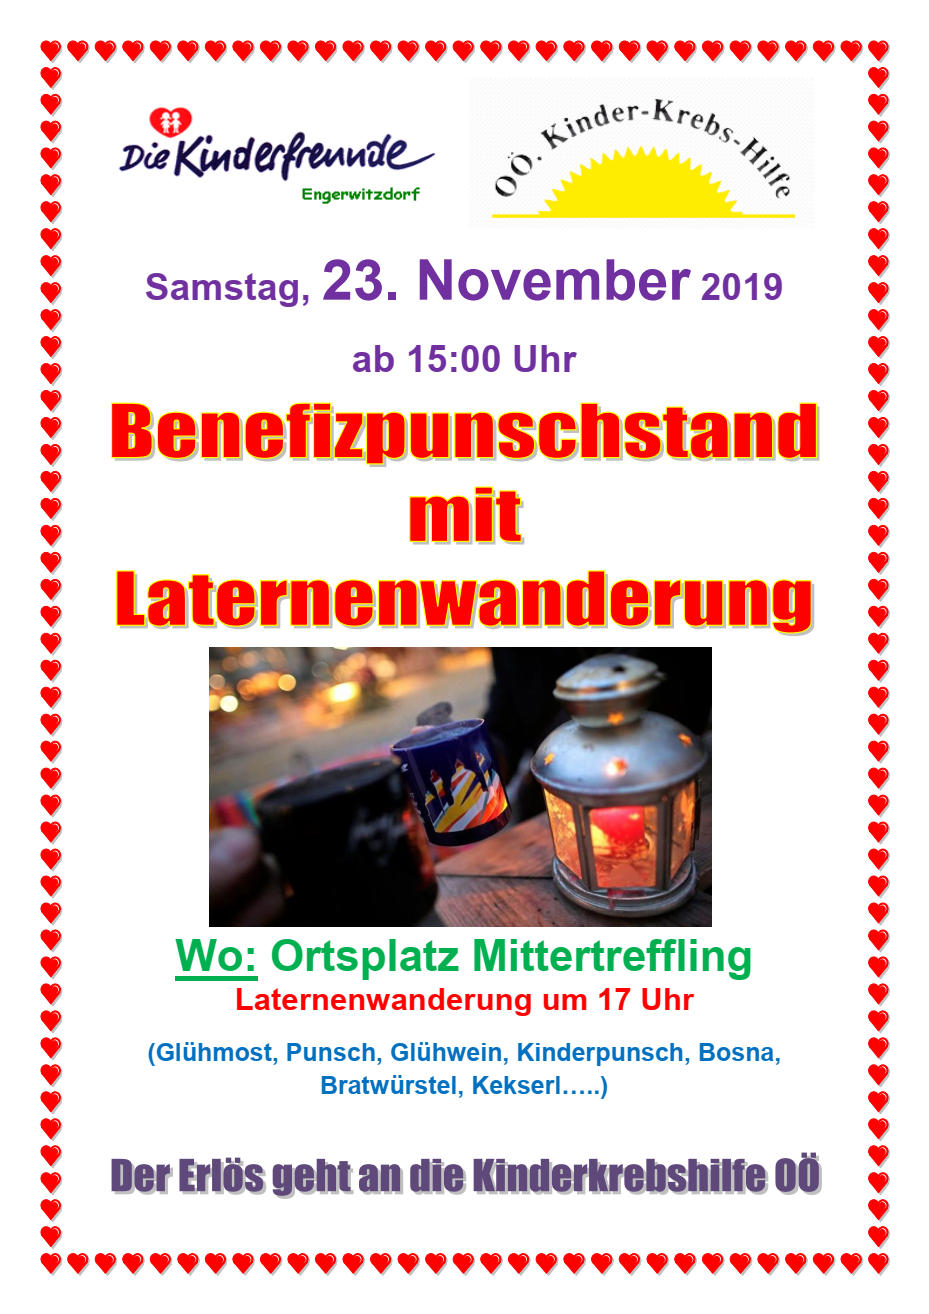 Hobbyhuren Engerwitzdorf, Best Online Dating Wien Simmering